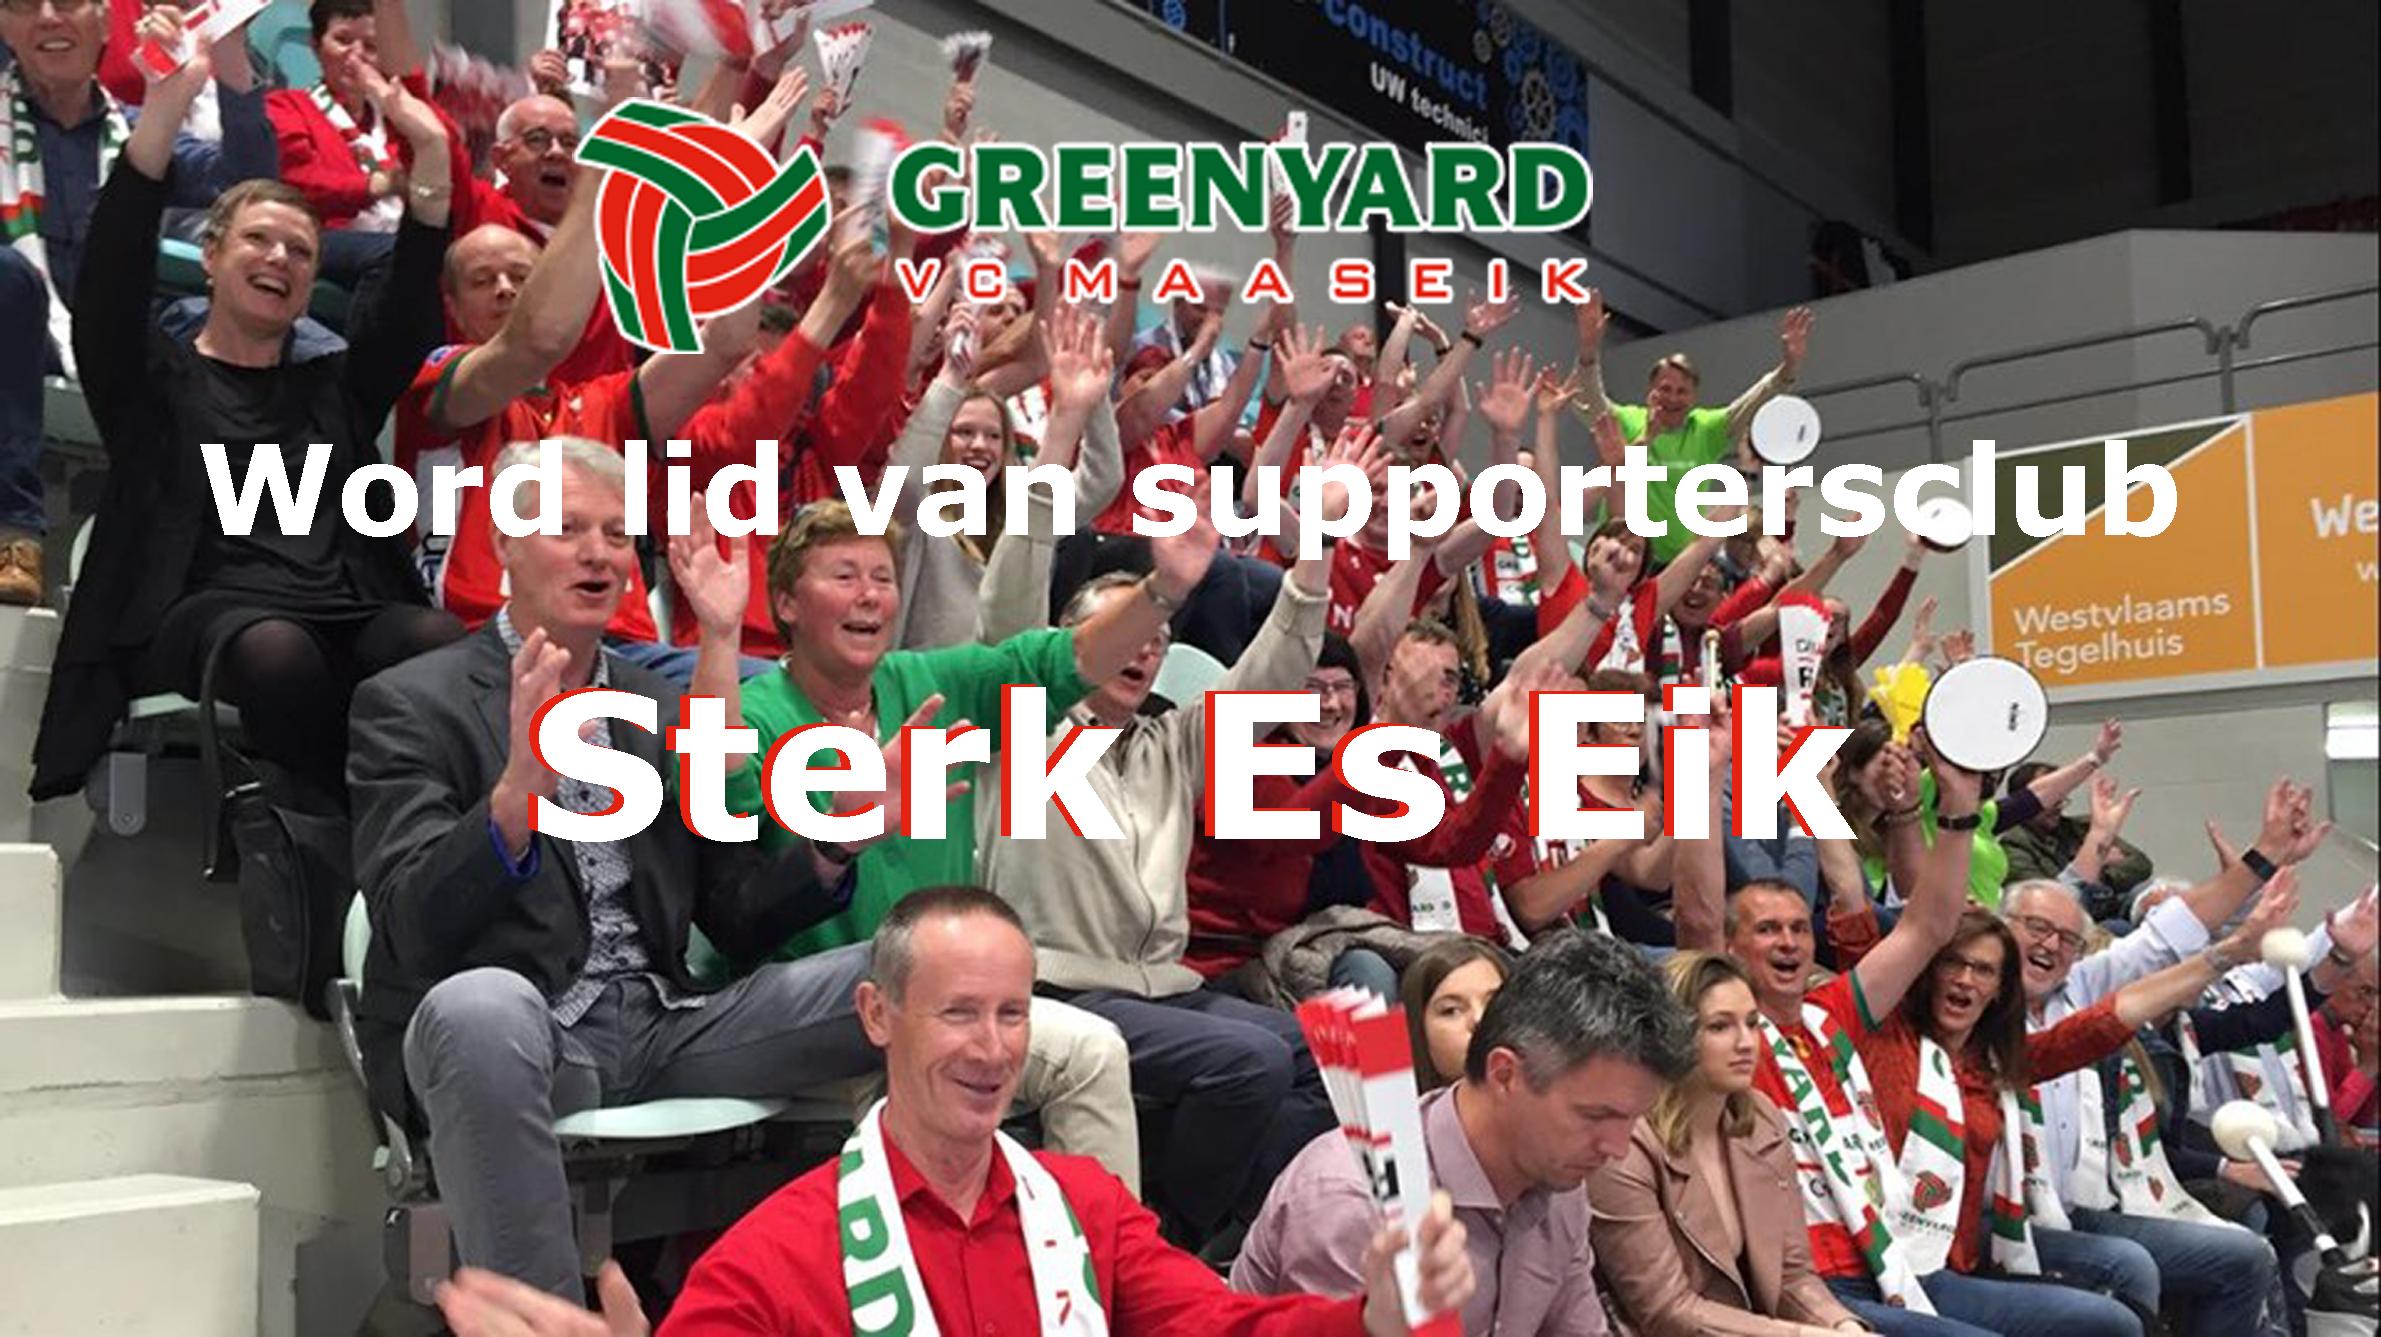 Word lid van supportersclub Sterk Es Eik